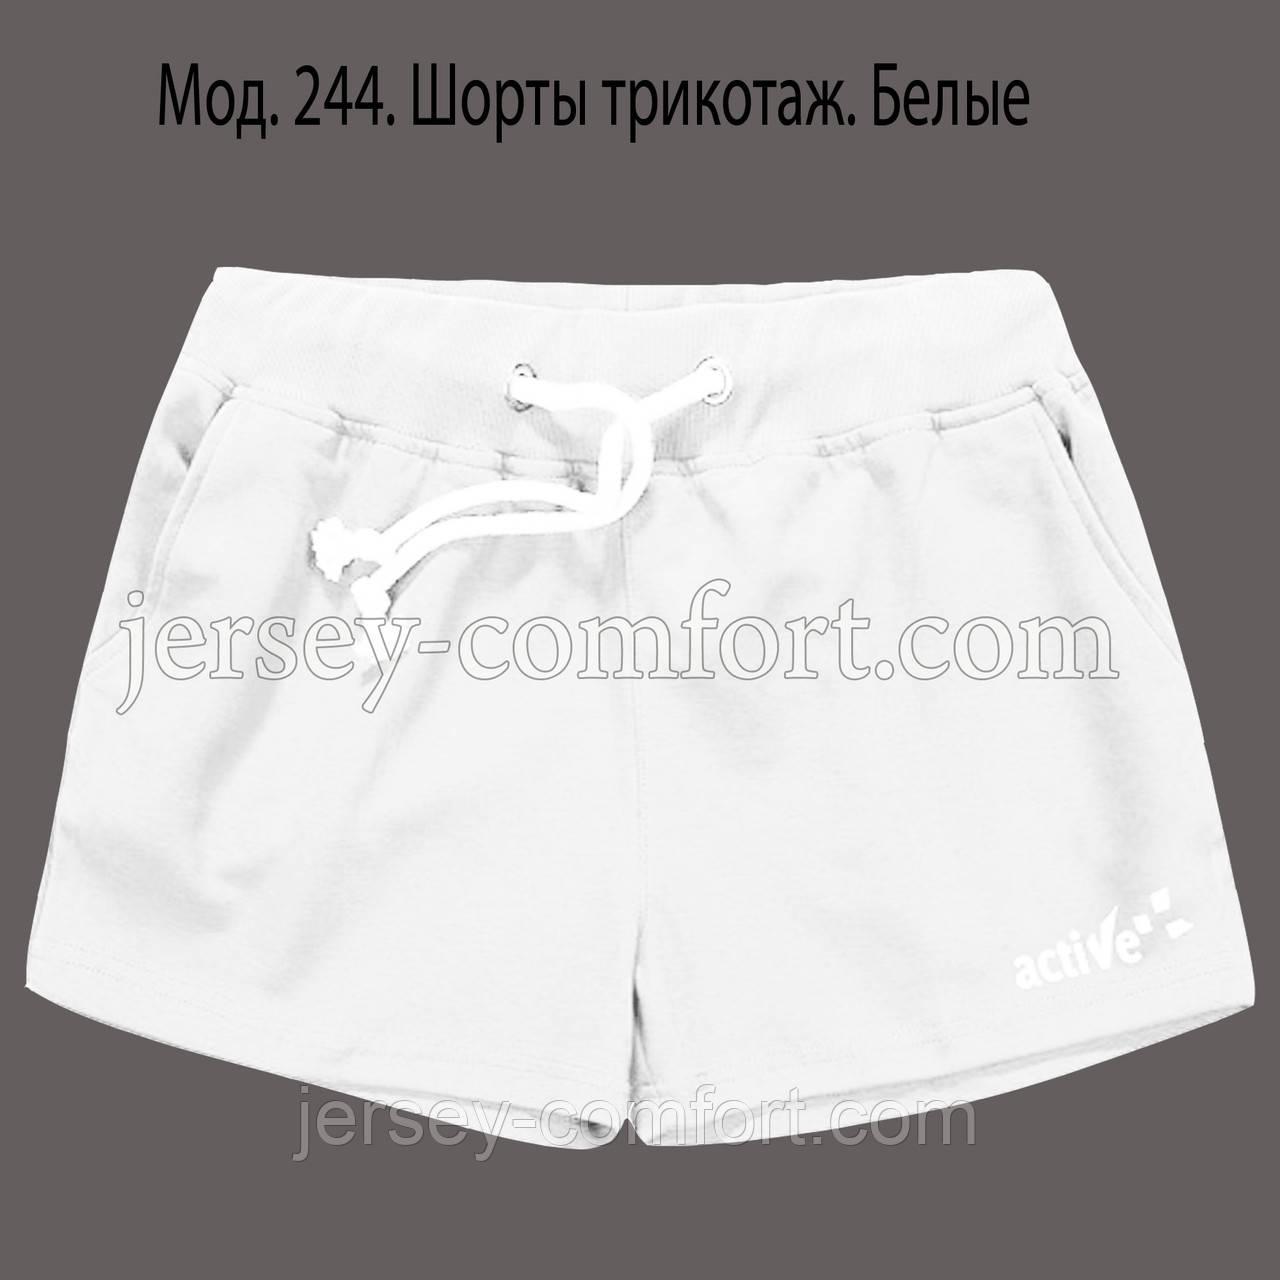 aab13b378087 Шорты женские трикотажные , белые.Мод. 244.